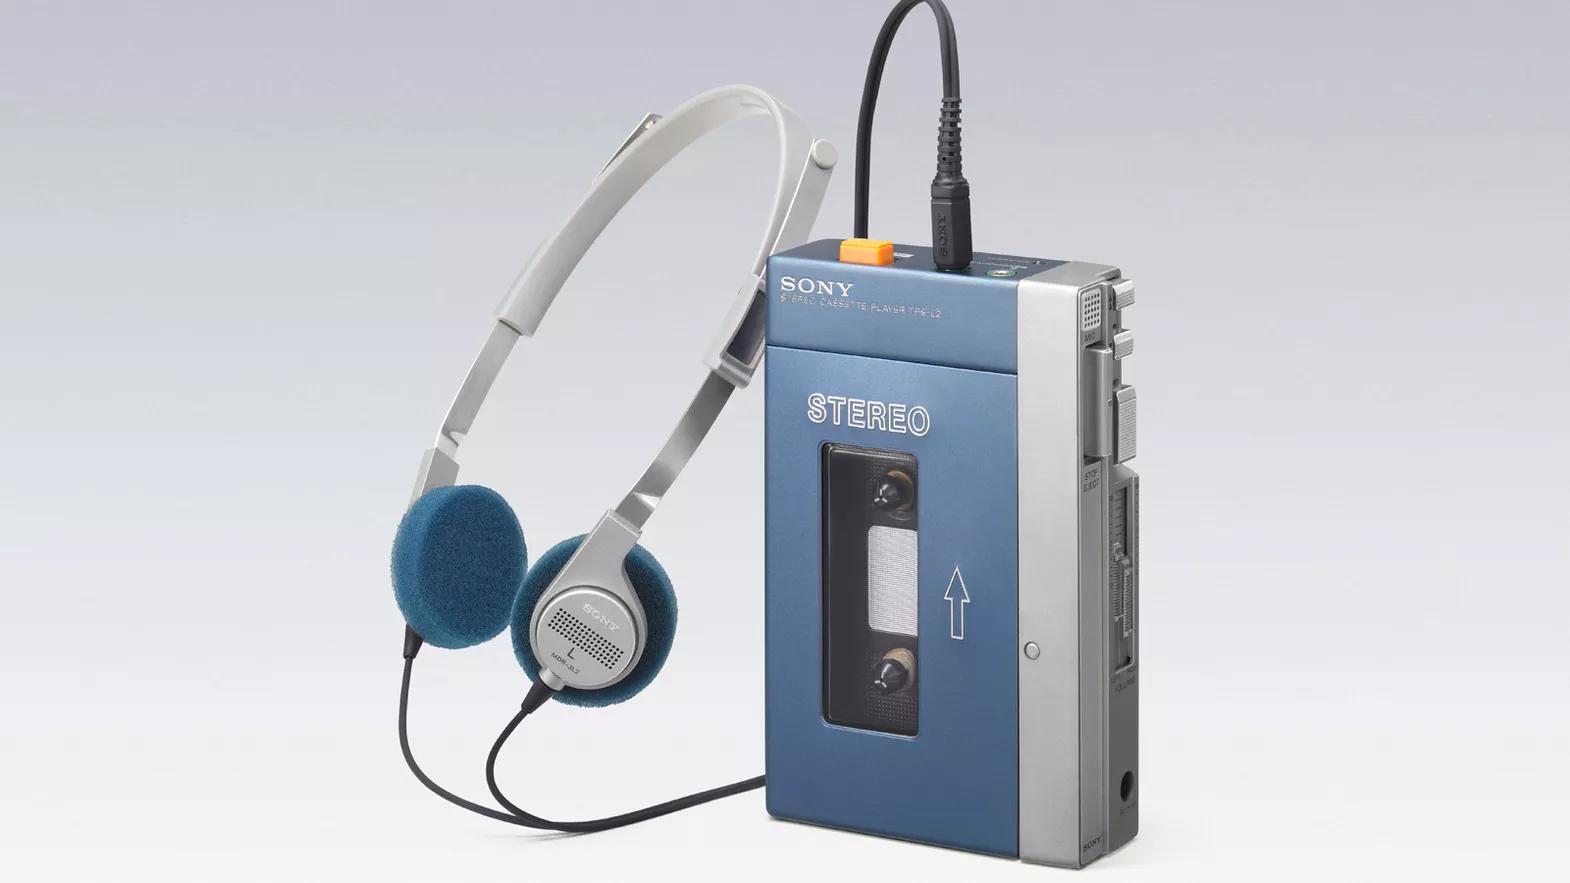 sony, walkman - 6631672723239764879222667705966666772905984n 1562174210247606634273 - Liệu thế hệ 8X còn nhớ Walkman- chiếc máy làm cả thế giới thay đổi cách nghe nhạc của Sony?